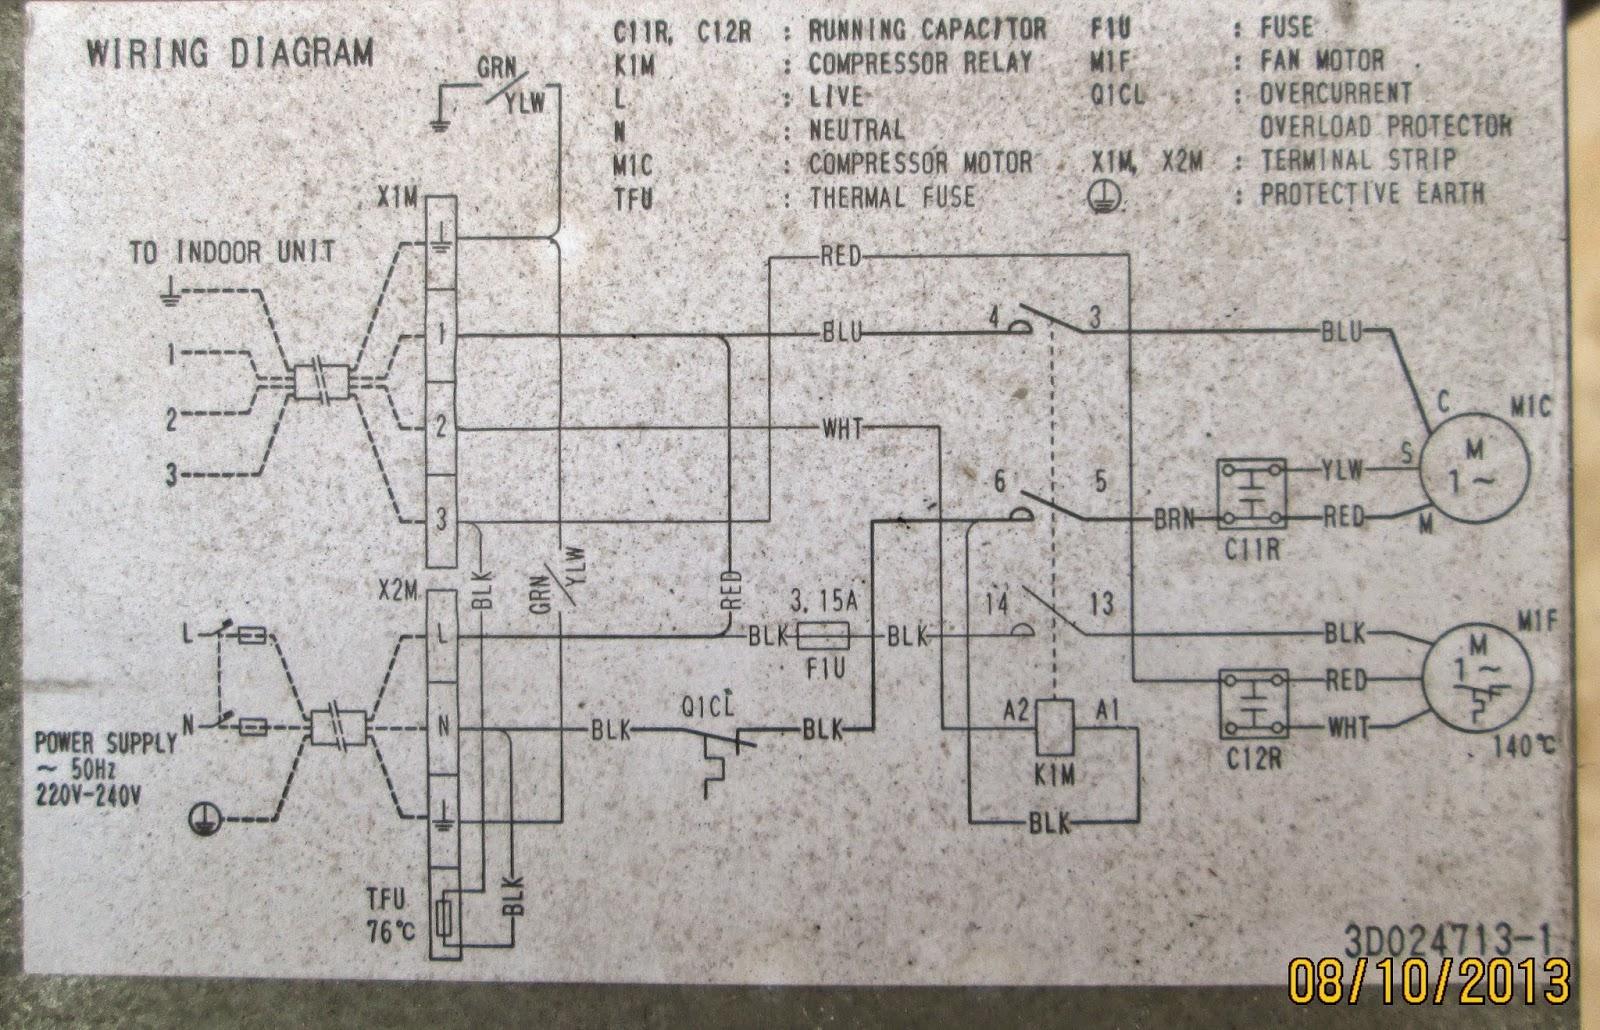 Wiring Diagram Outdoor Ac Split Diagrams Schematics Schematic Dikin U2022 Rh Seniorlivinguniversity Co At Of